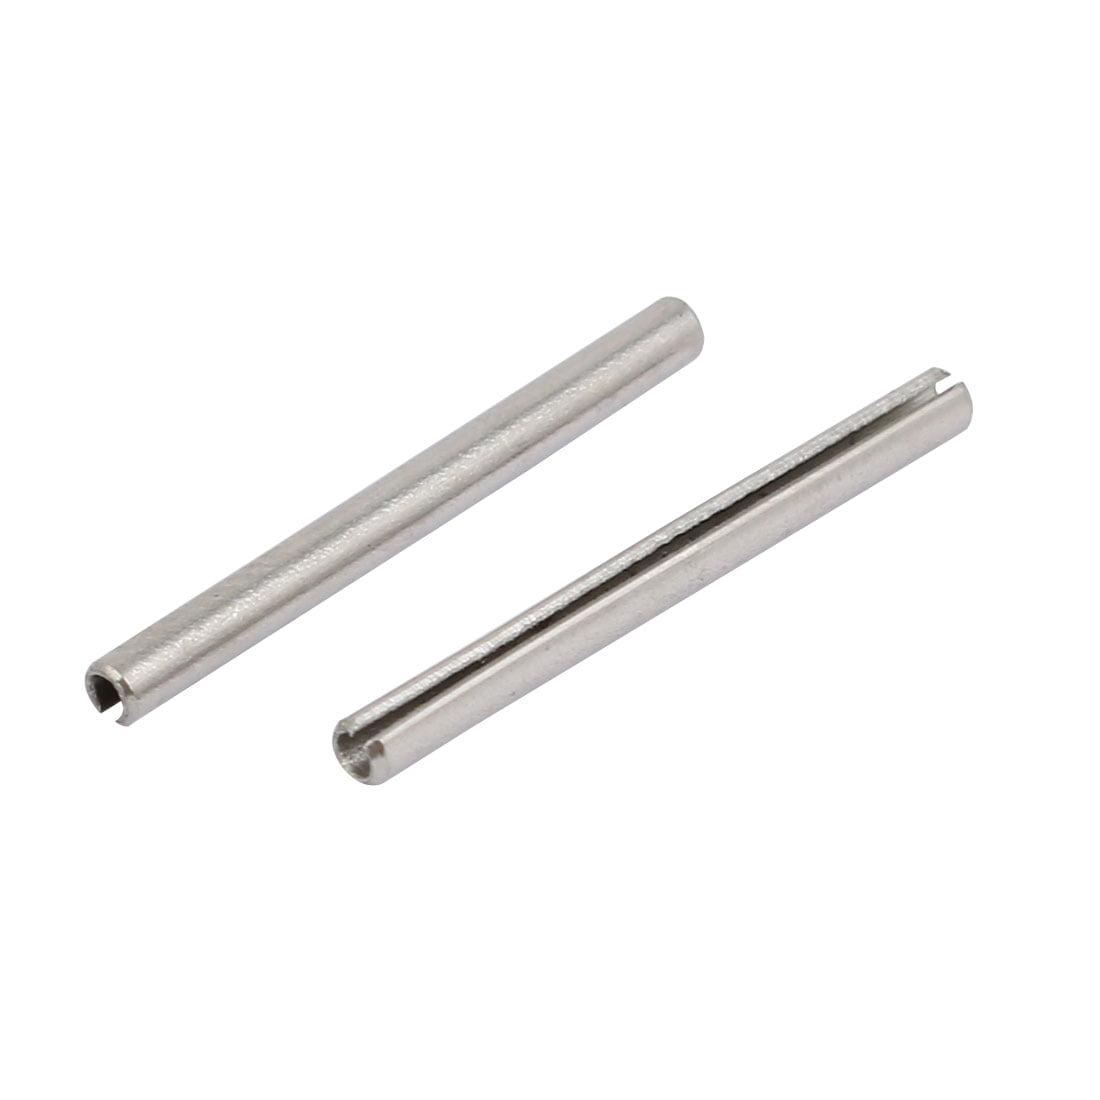 Unique Bargains M1.5x20mm 304 Stainless Steel Split Spring Dowel Tension Roll Pin 40pcs - image 2 de 3